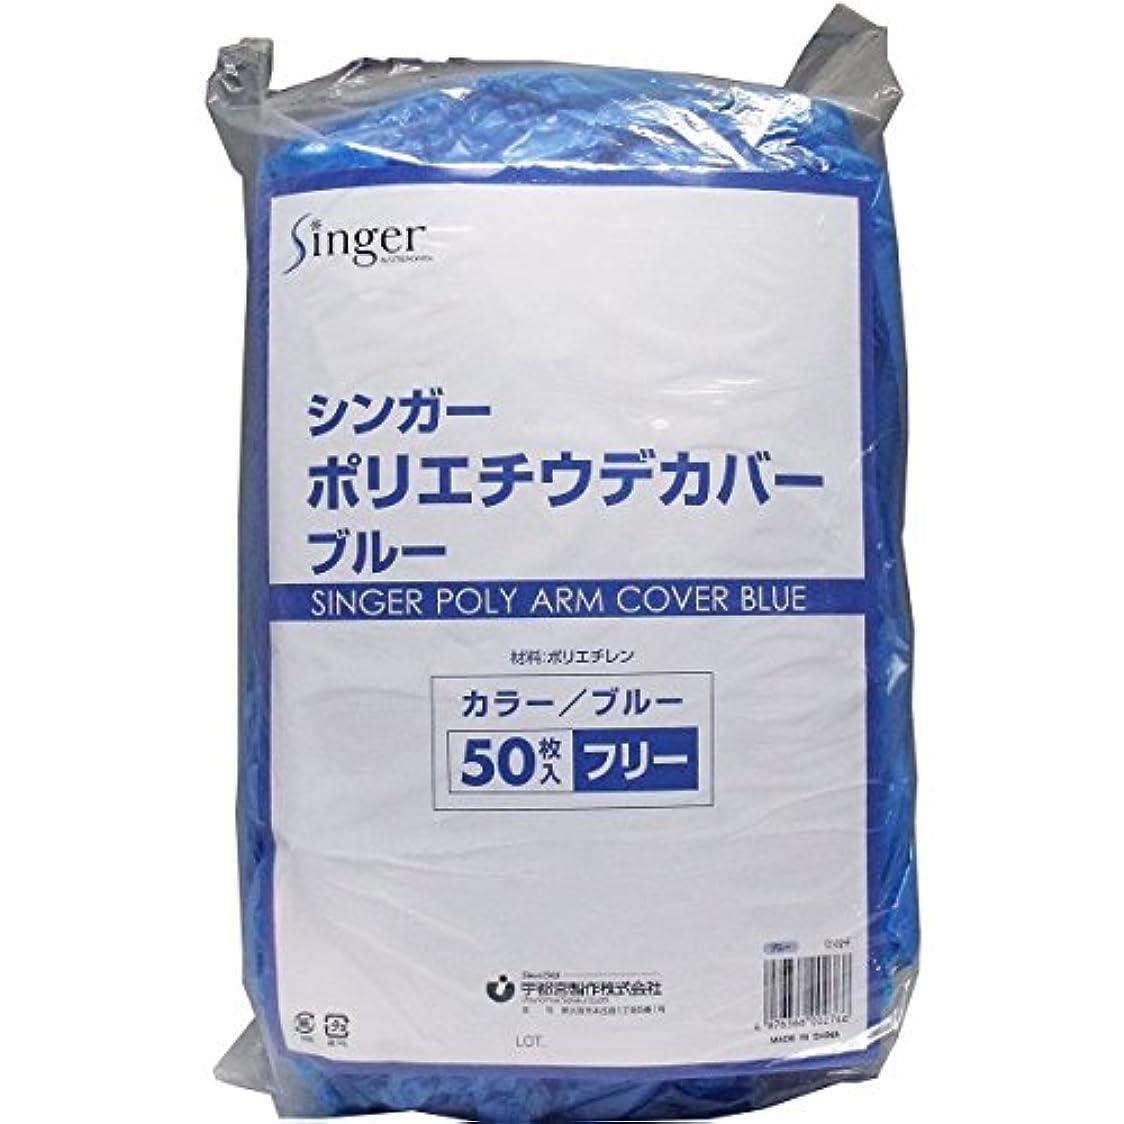 タイル離すアスリートシンガー ポリエチウデカバー (腕カバー) ブルー フリーサイズ 1000枚入り 50枚x20袋